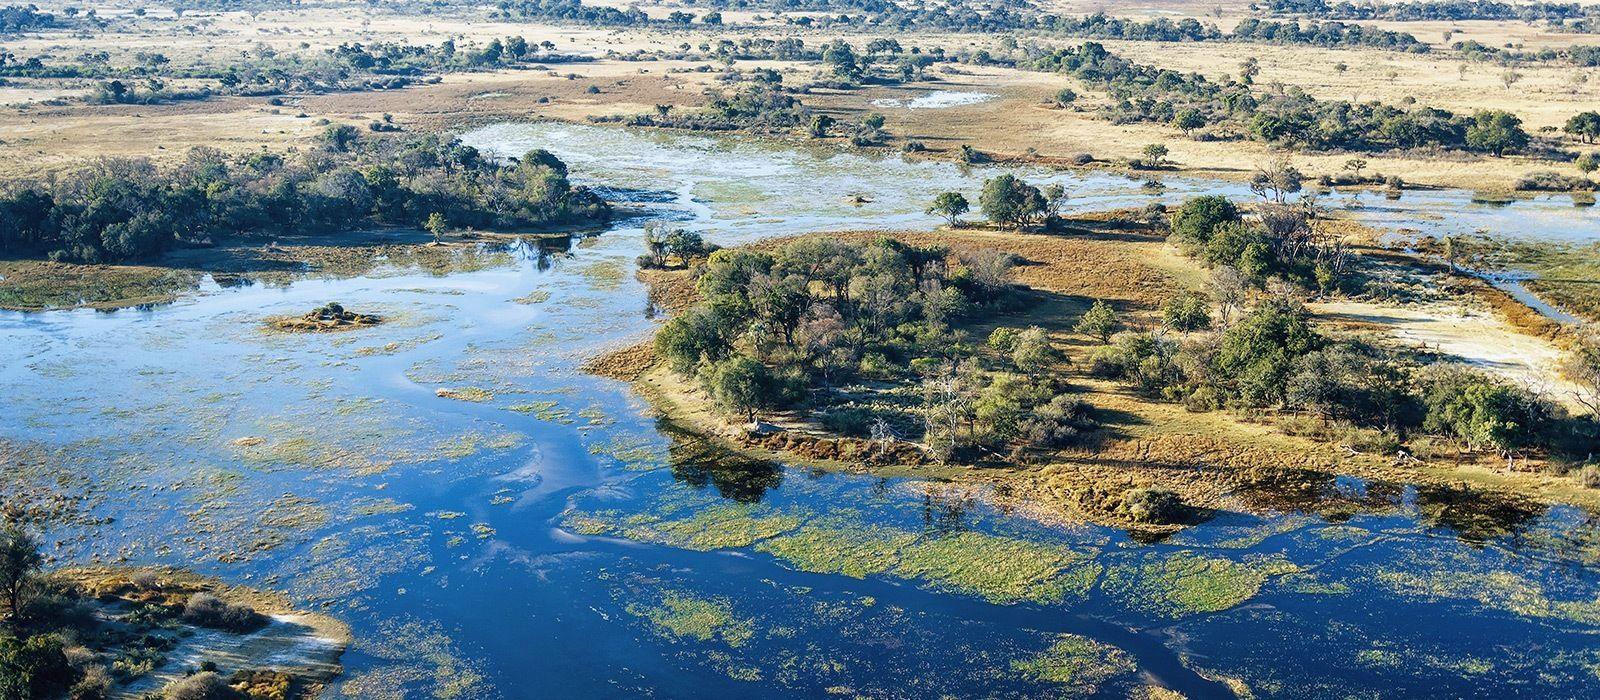 Naturreise in Simbabwe & Botswana: Wasserfälle & Wasserwege Urlaub 4